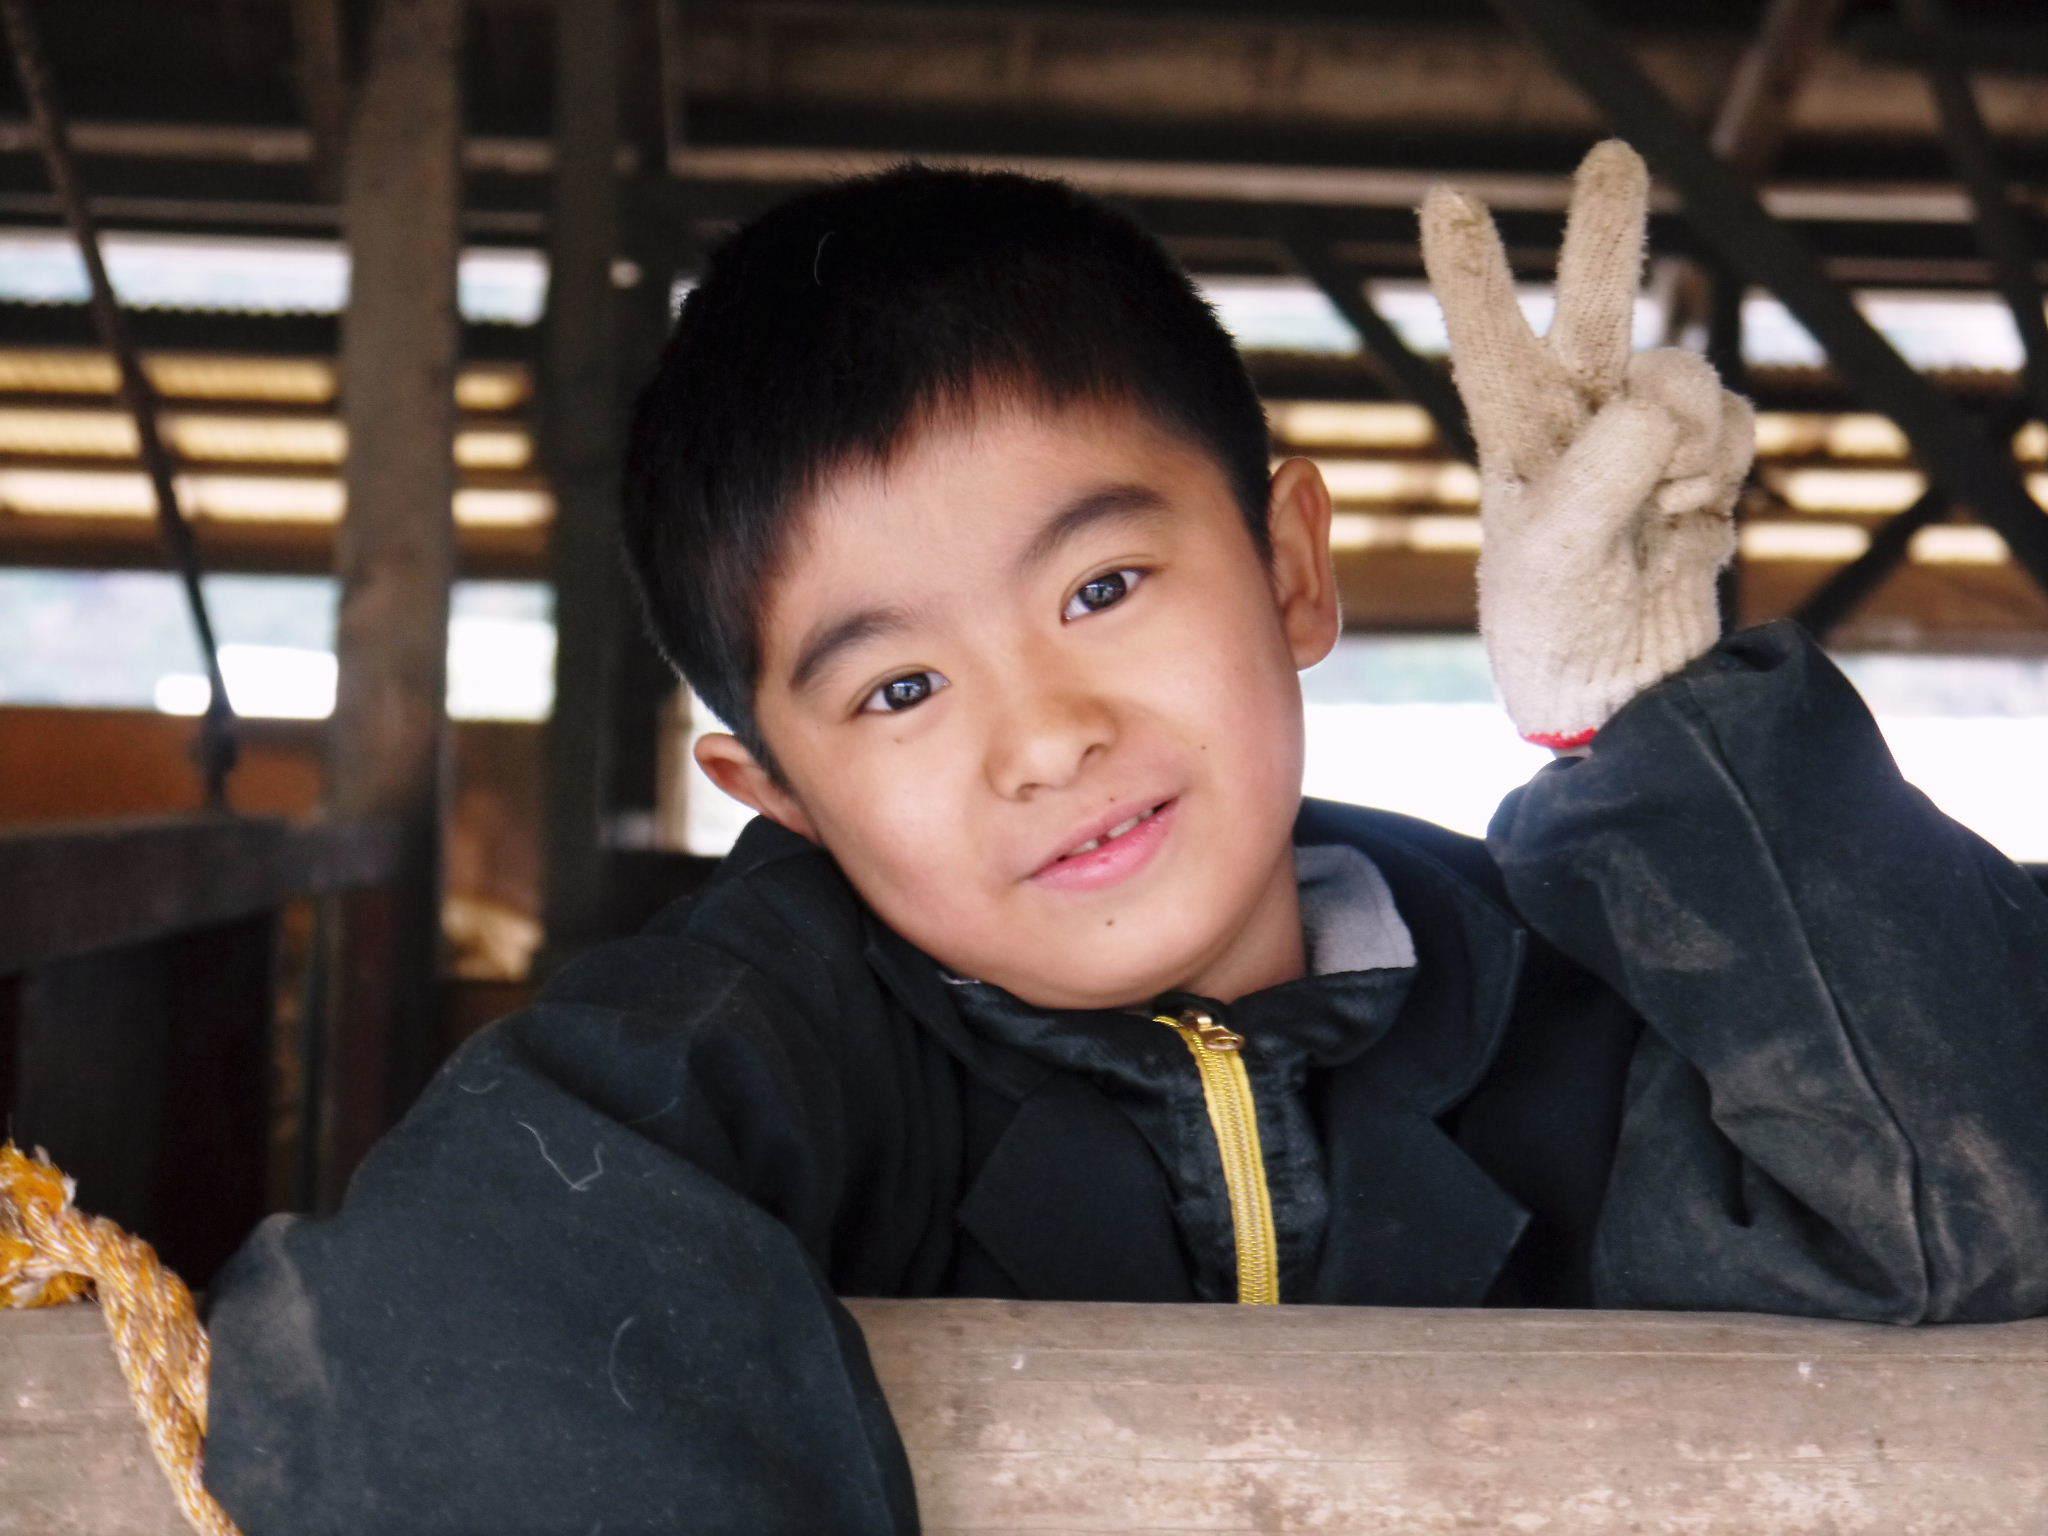 熊本県産黒毛和牛 絶品黒毛和牛を育てる「中野畜産」さんのファミリー紹介_a0254656_17574651.jpg